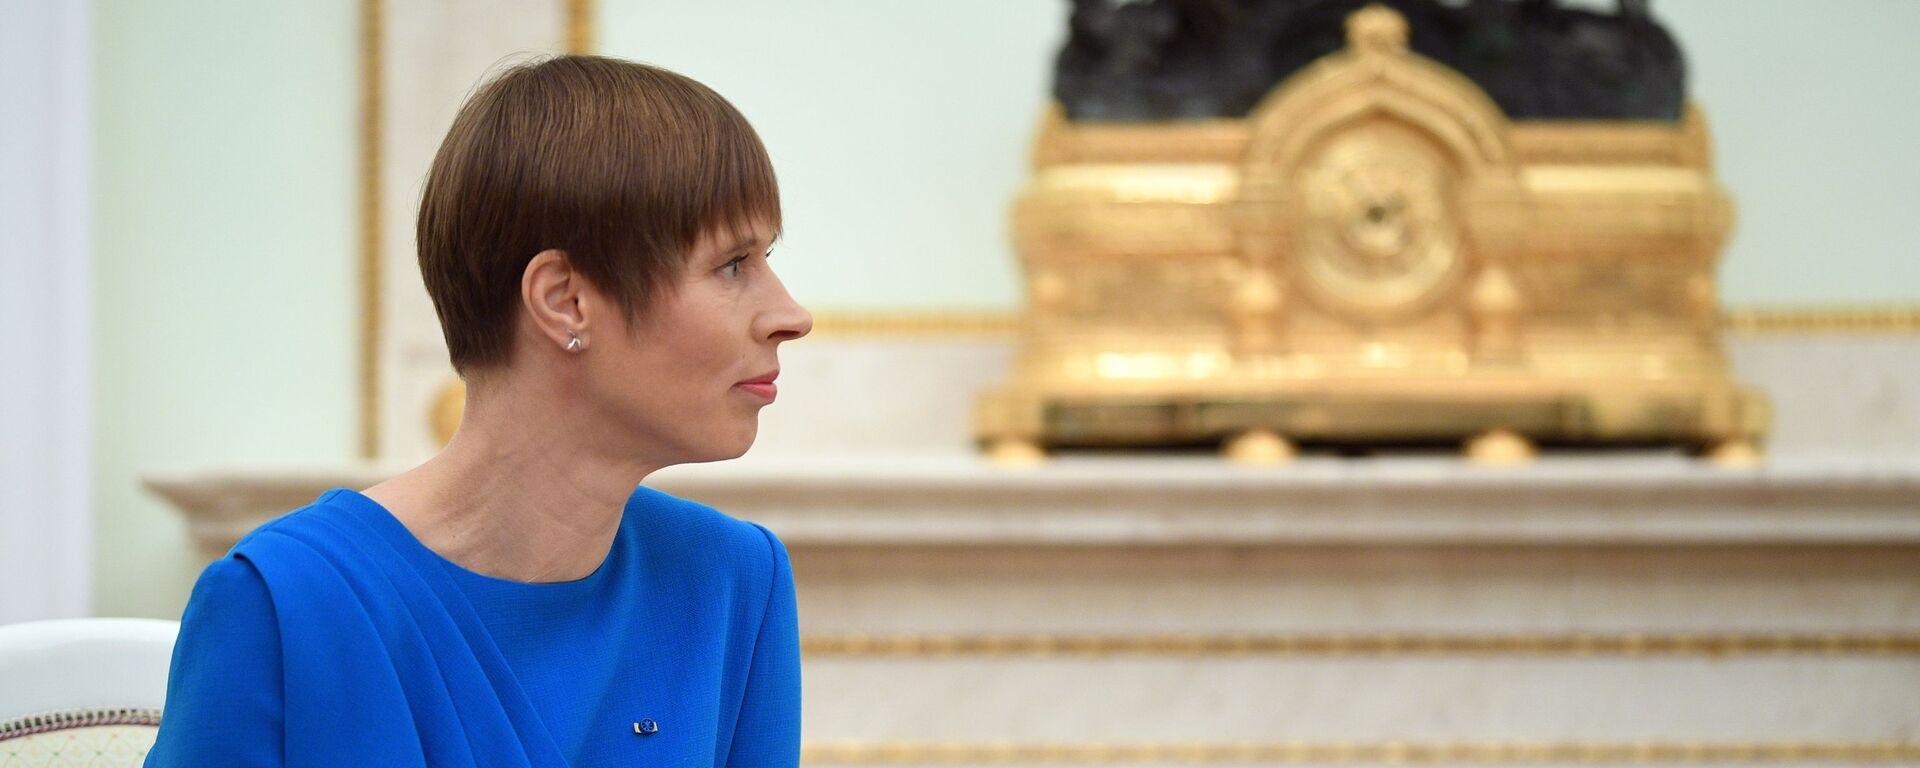 Президент РФ В. Путин встретился с президентом Эстонии К. Кальюлайд - Sputnik Латвия, 1920, 25.02.2020